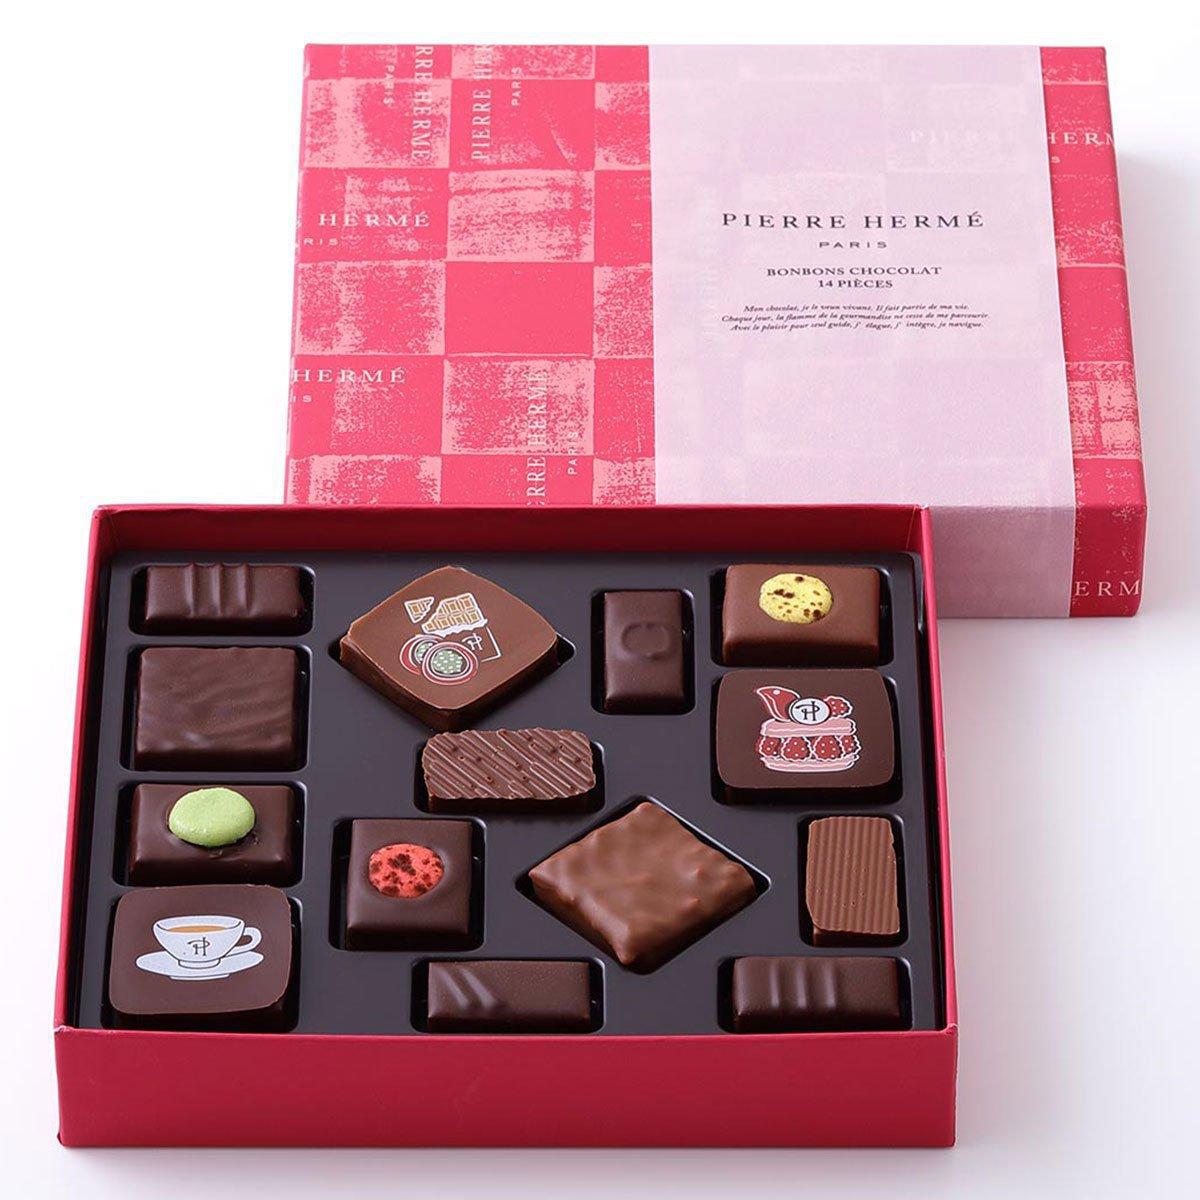 PIERRE HERME PARIS,chocolate